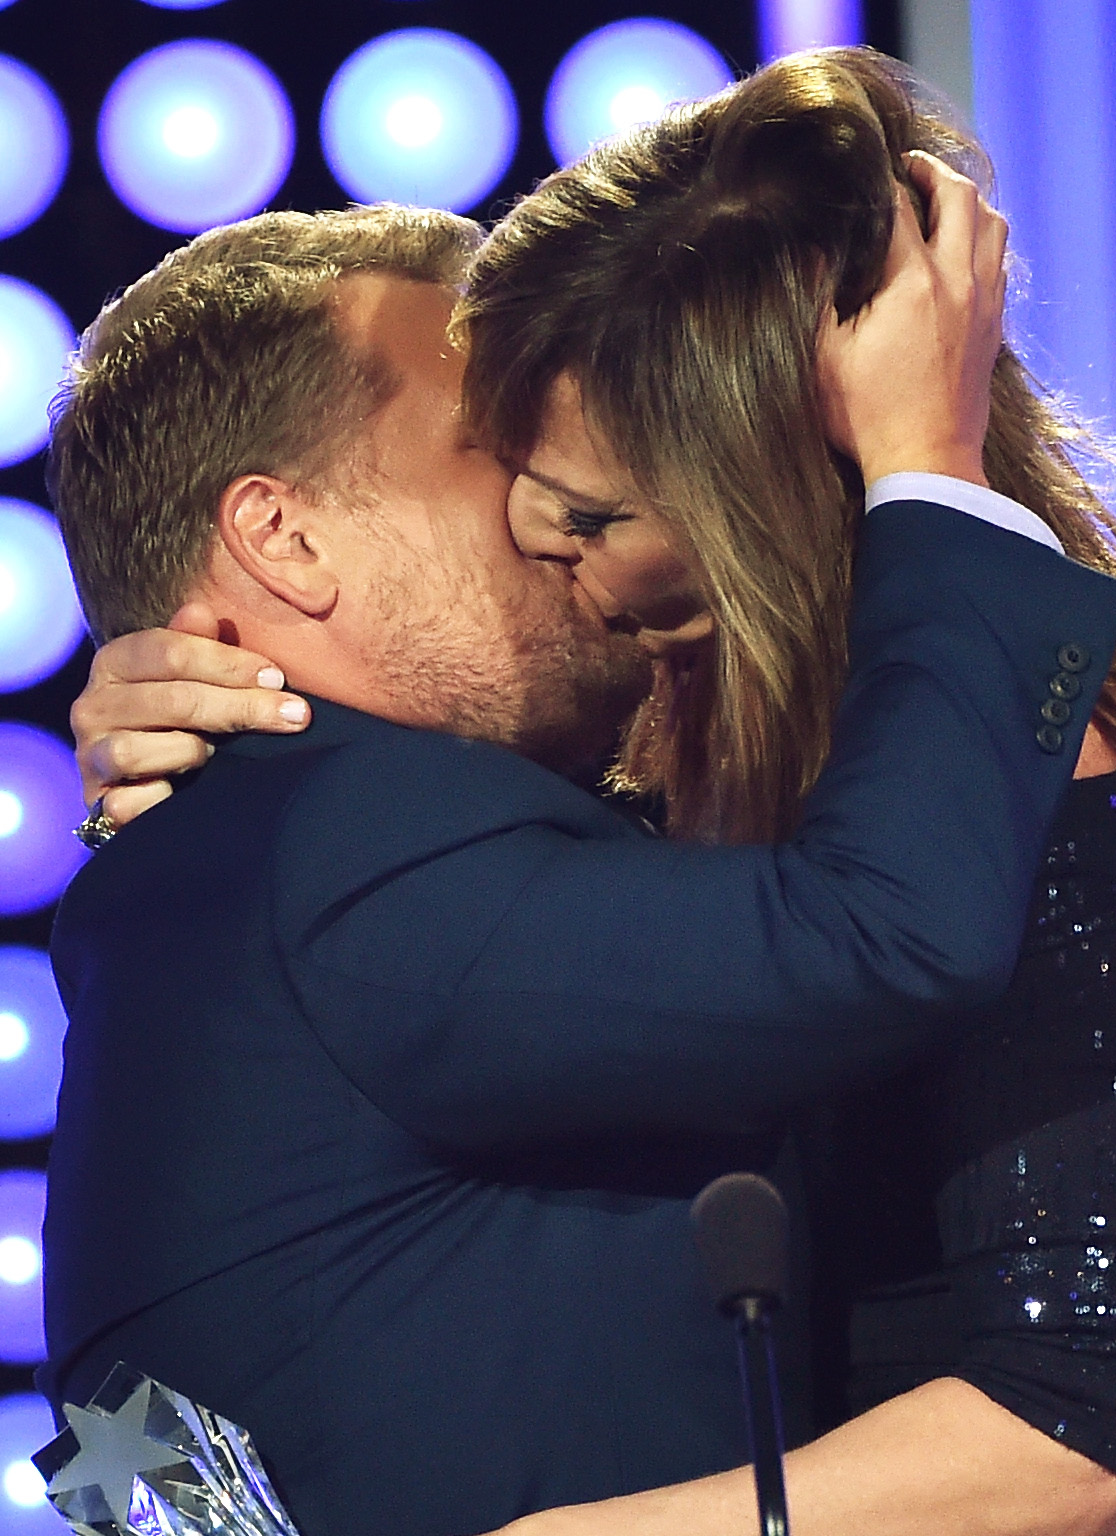 Allison Janney passionately kisses James Corden